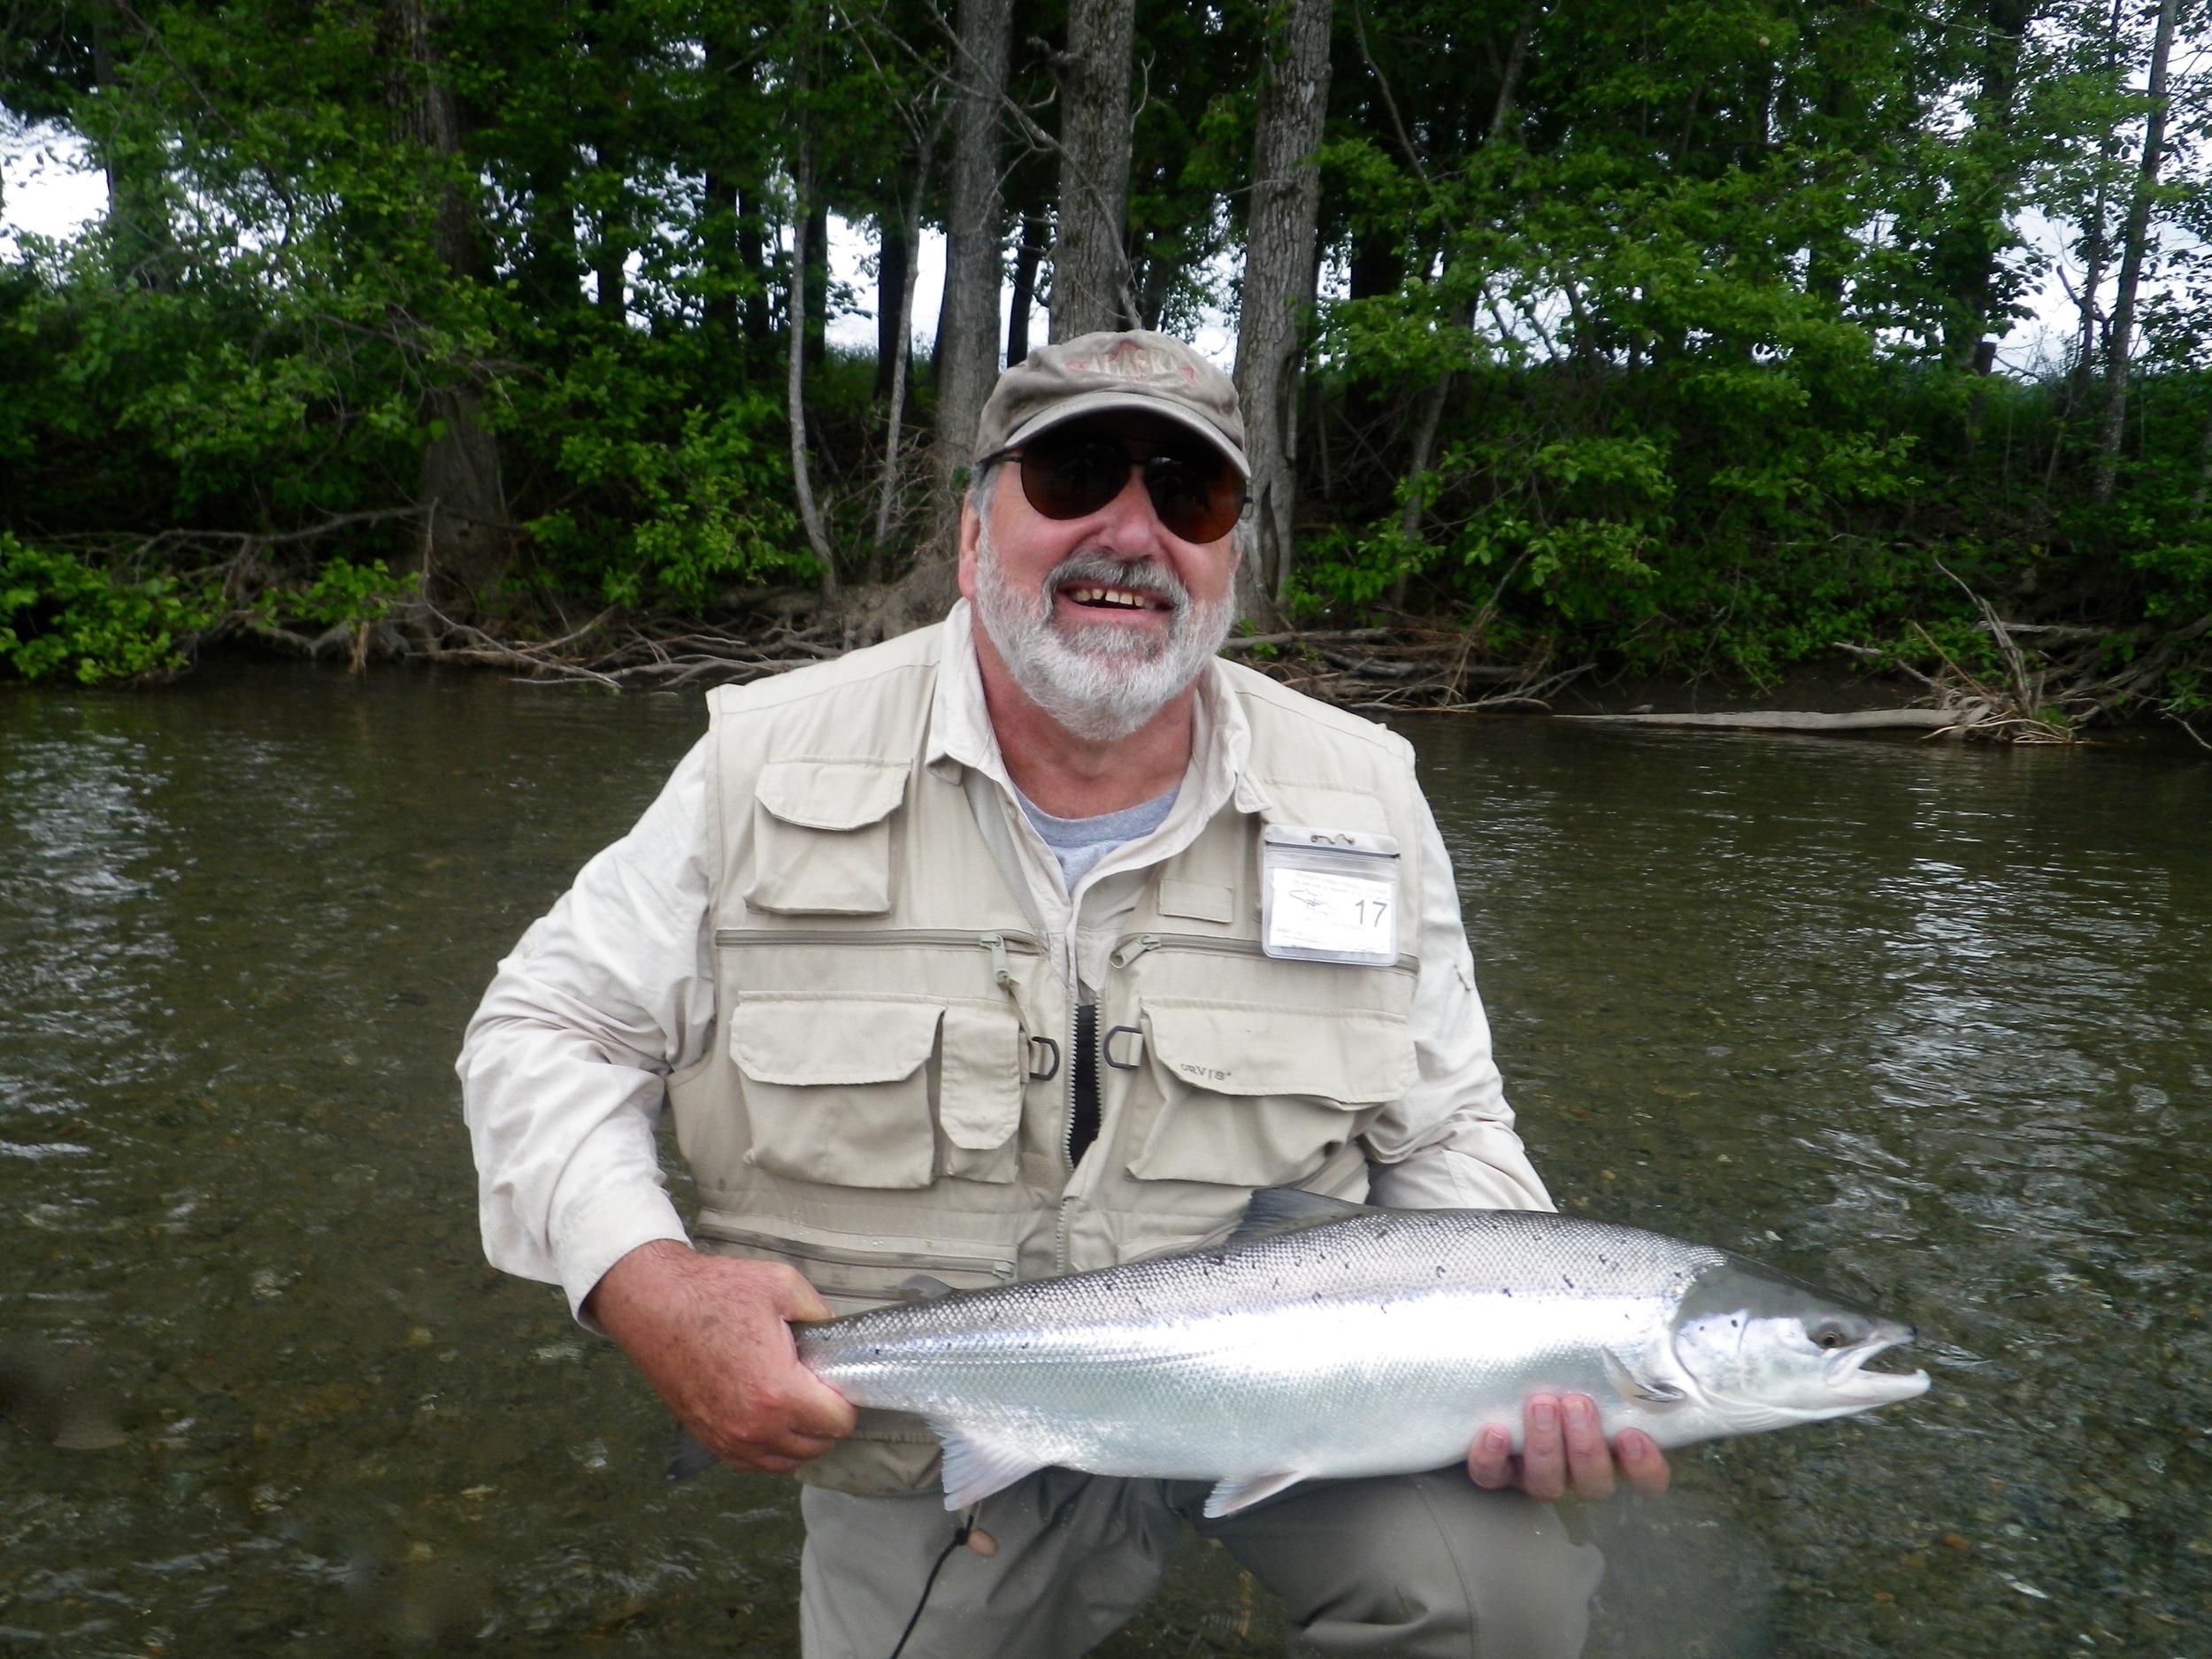 Jim Staszewski et son premier saumon de 2016… et pas son dernier! Jim a été le pêcheur de la semaine!